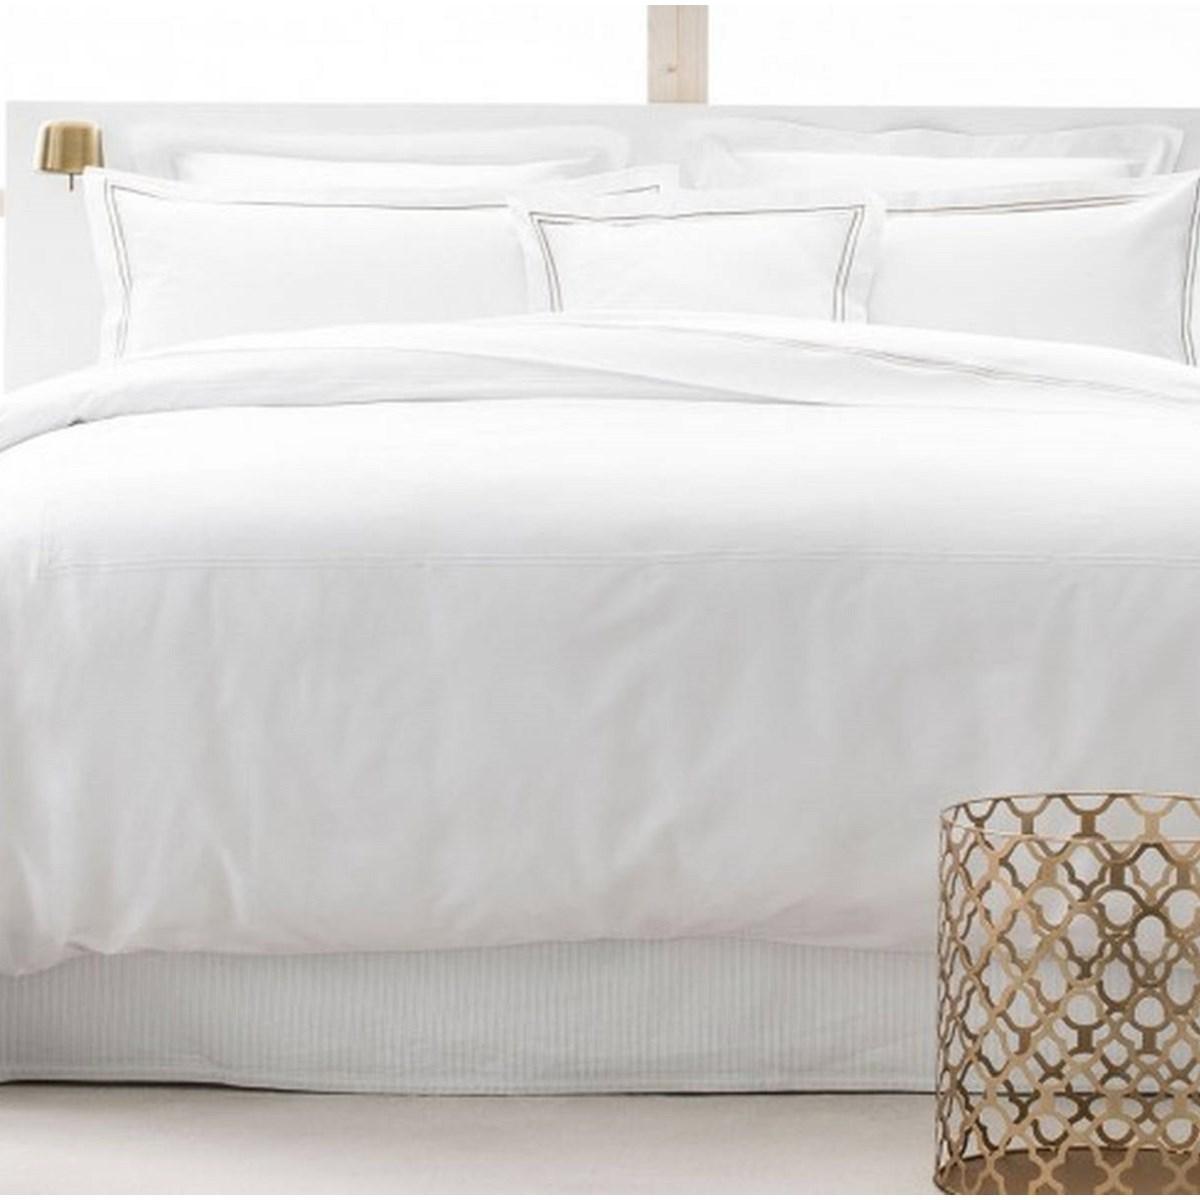 Drap plat luxe en Satin de coton Beige 300x310 cm